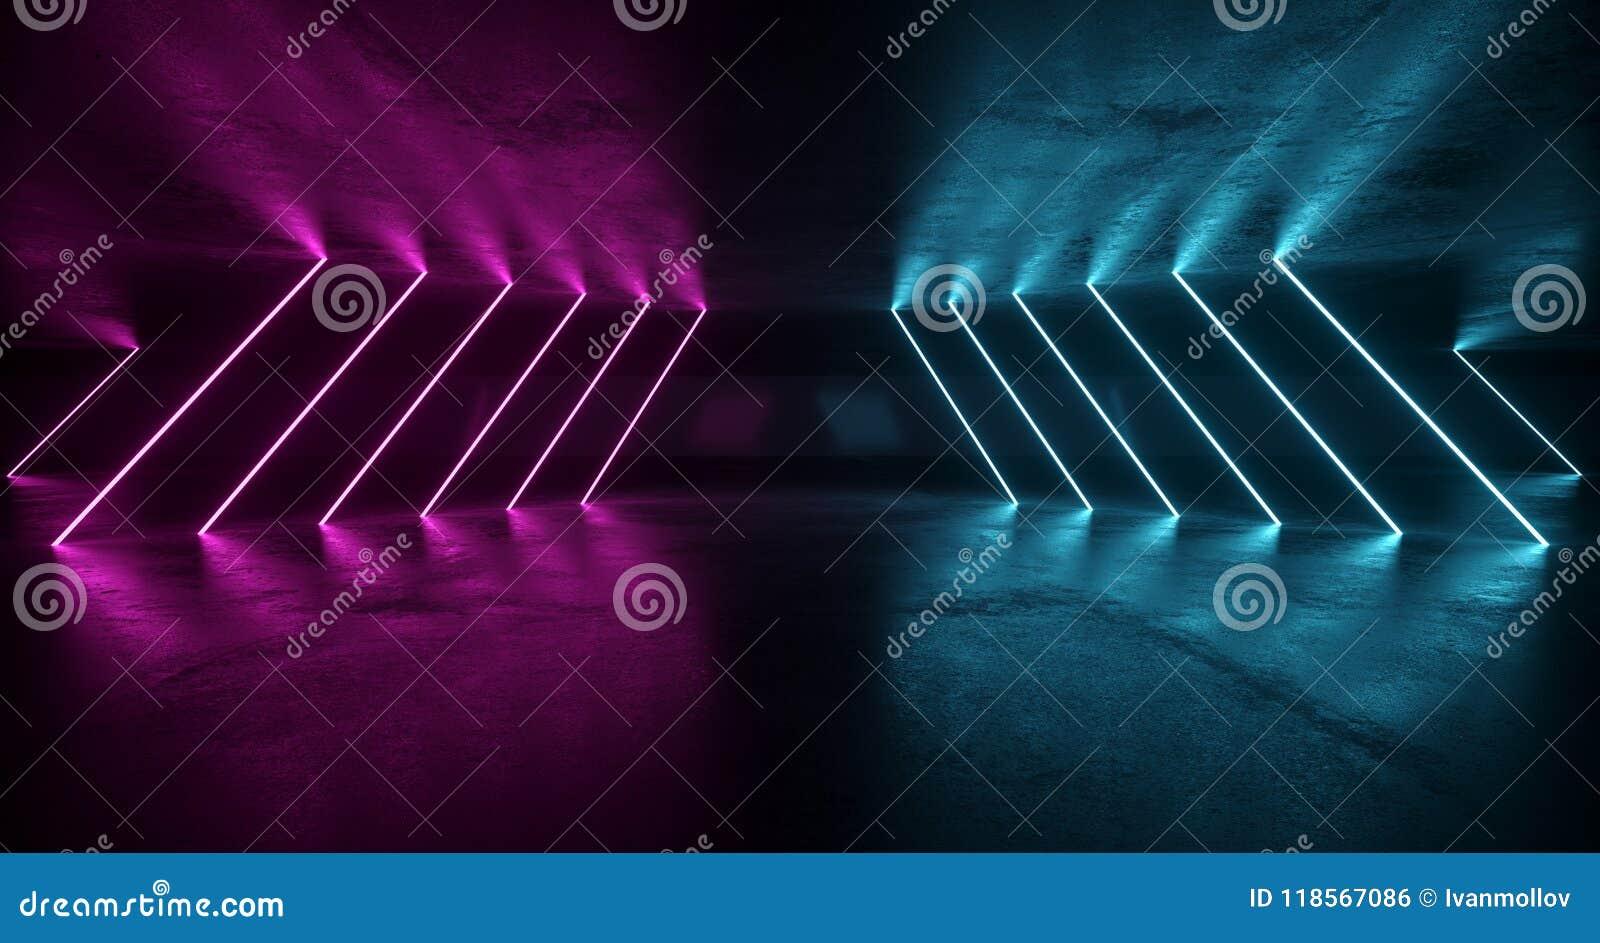 Sciencefictions-futuristischer Schmutz-Raum mit purpurroten und blauen Neonlichtern W